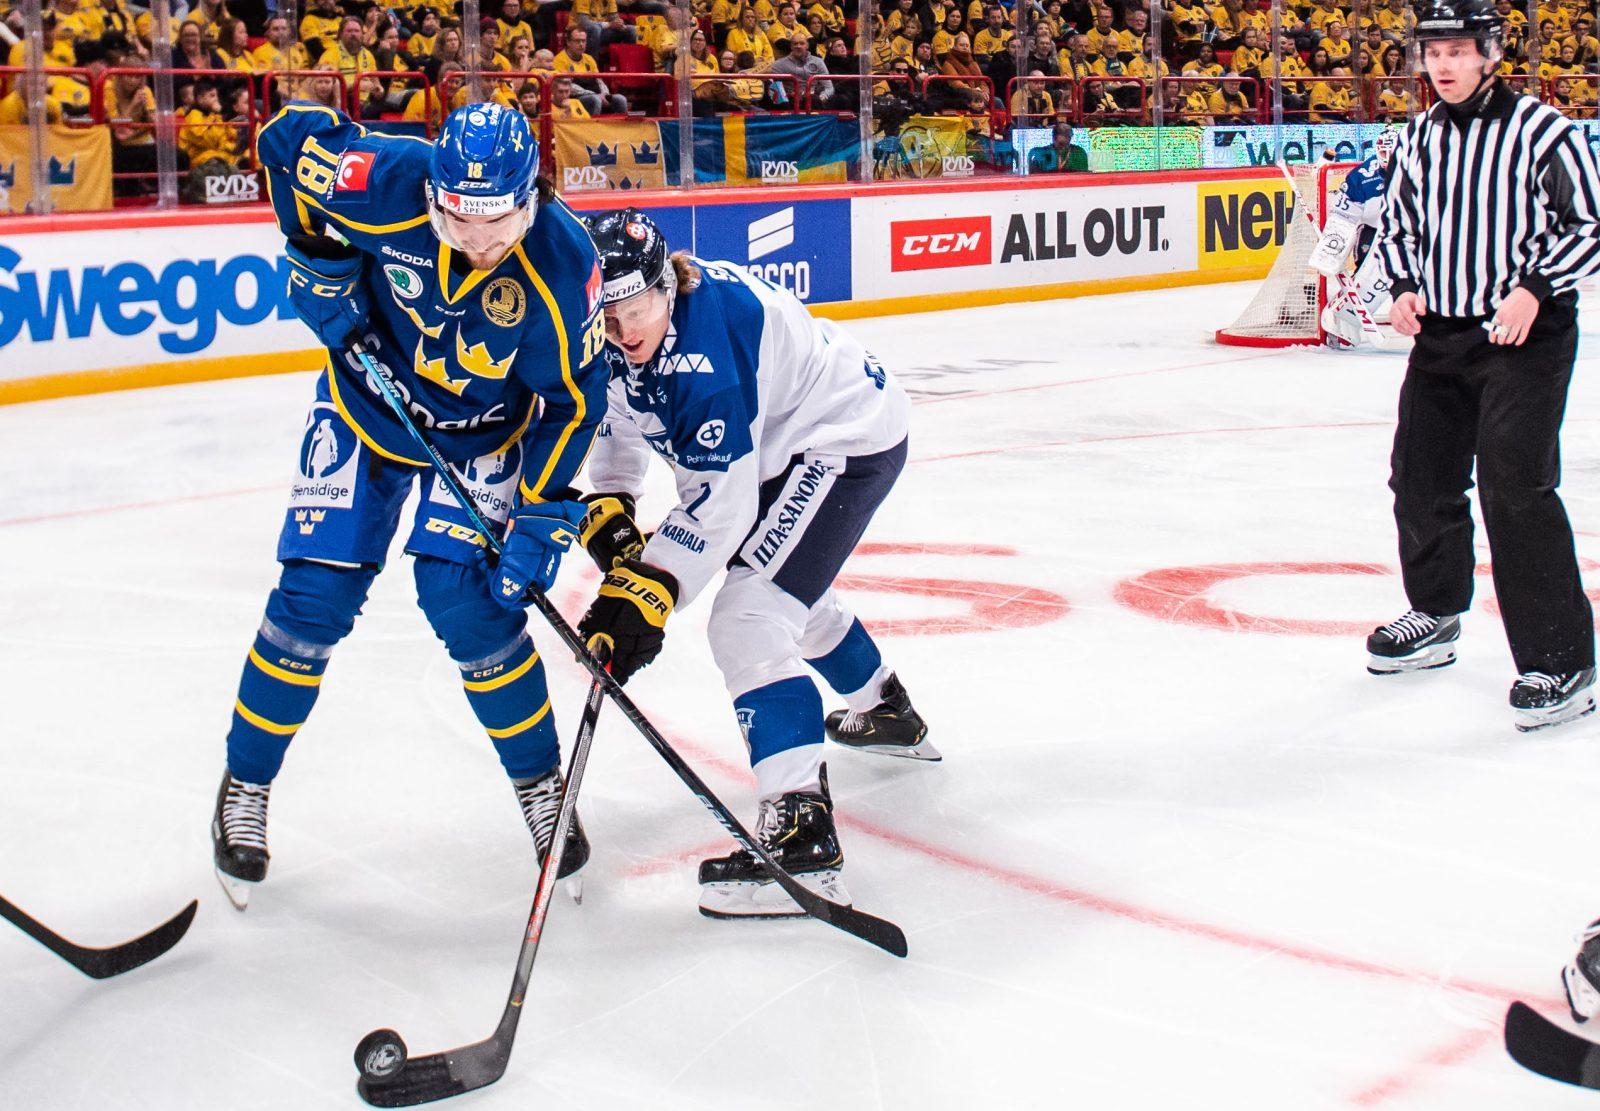 KLART: Finske landslagsbacken värvas av SHL-laget